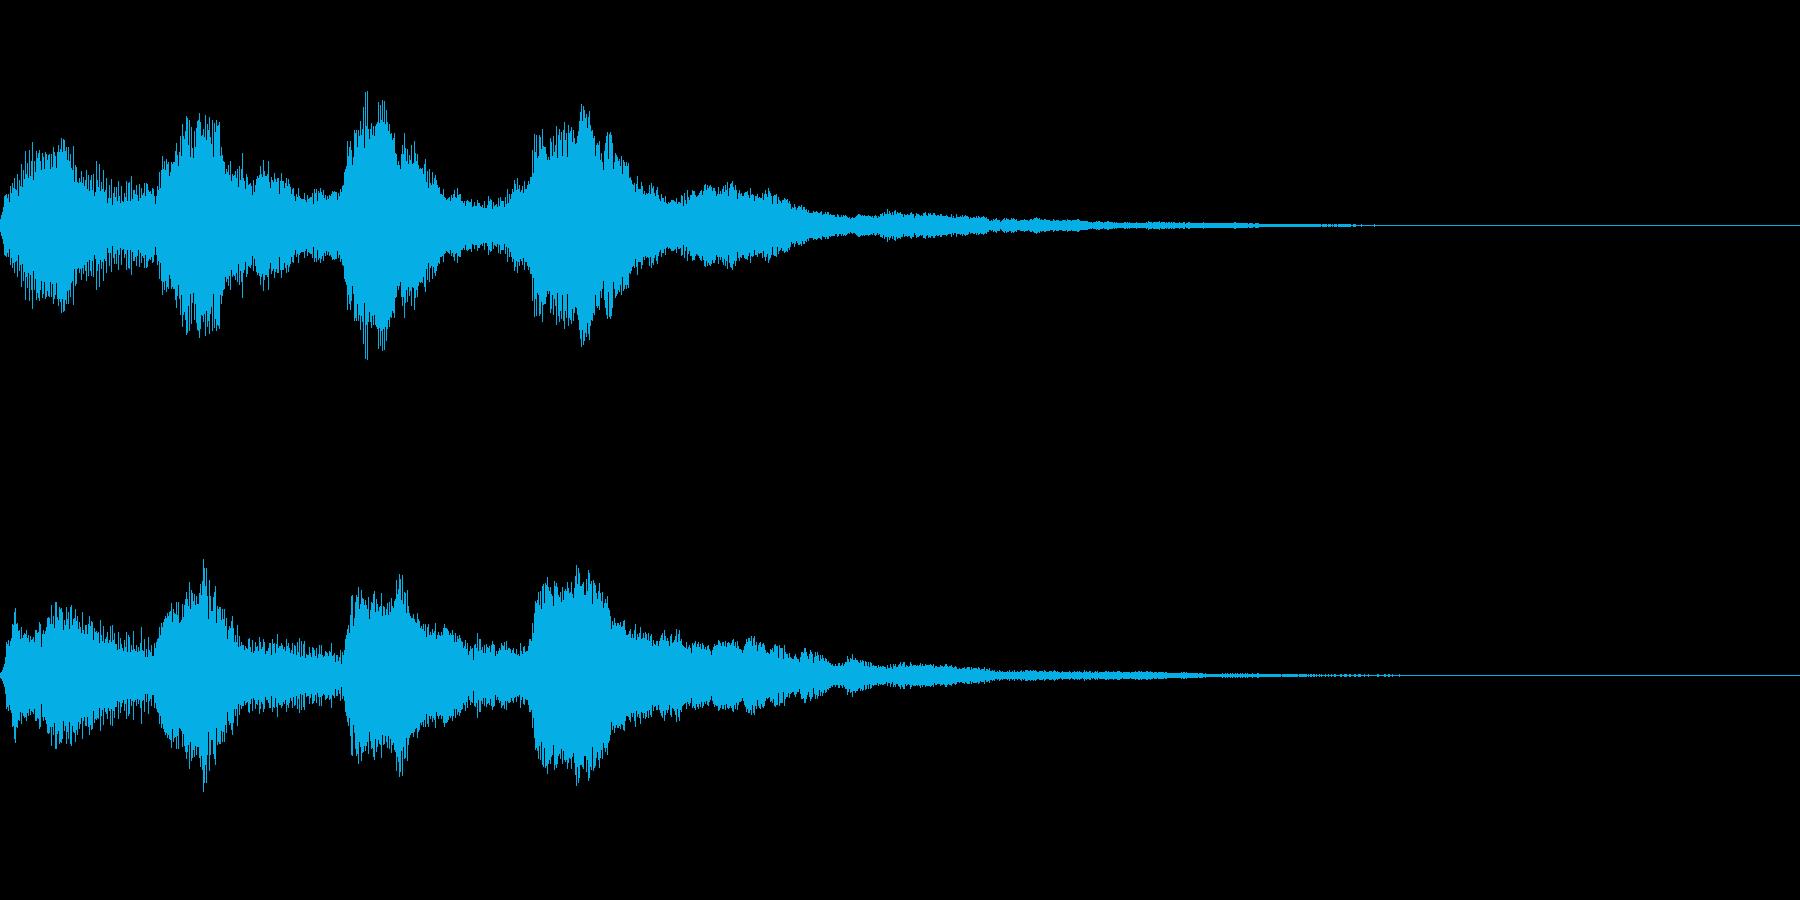 チャーチオルガン系の場面転換 切り替え音の再生済みの波形